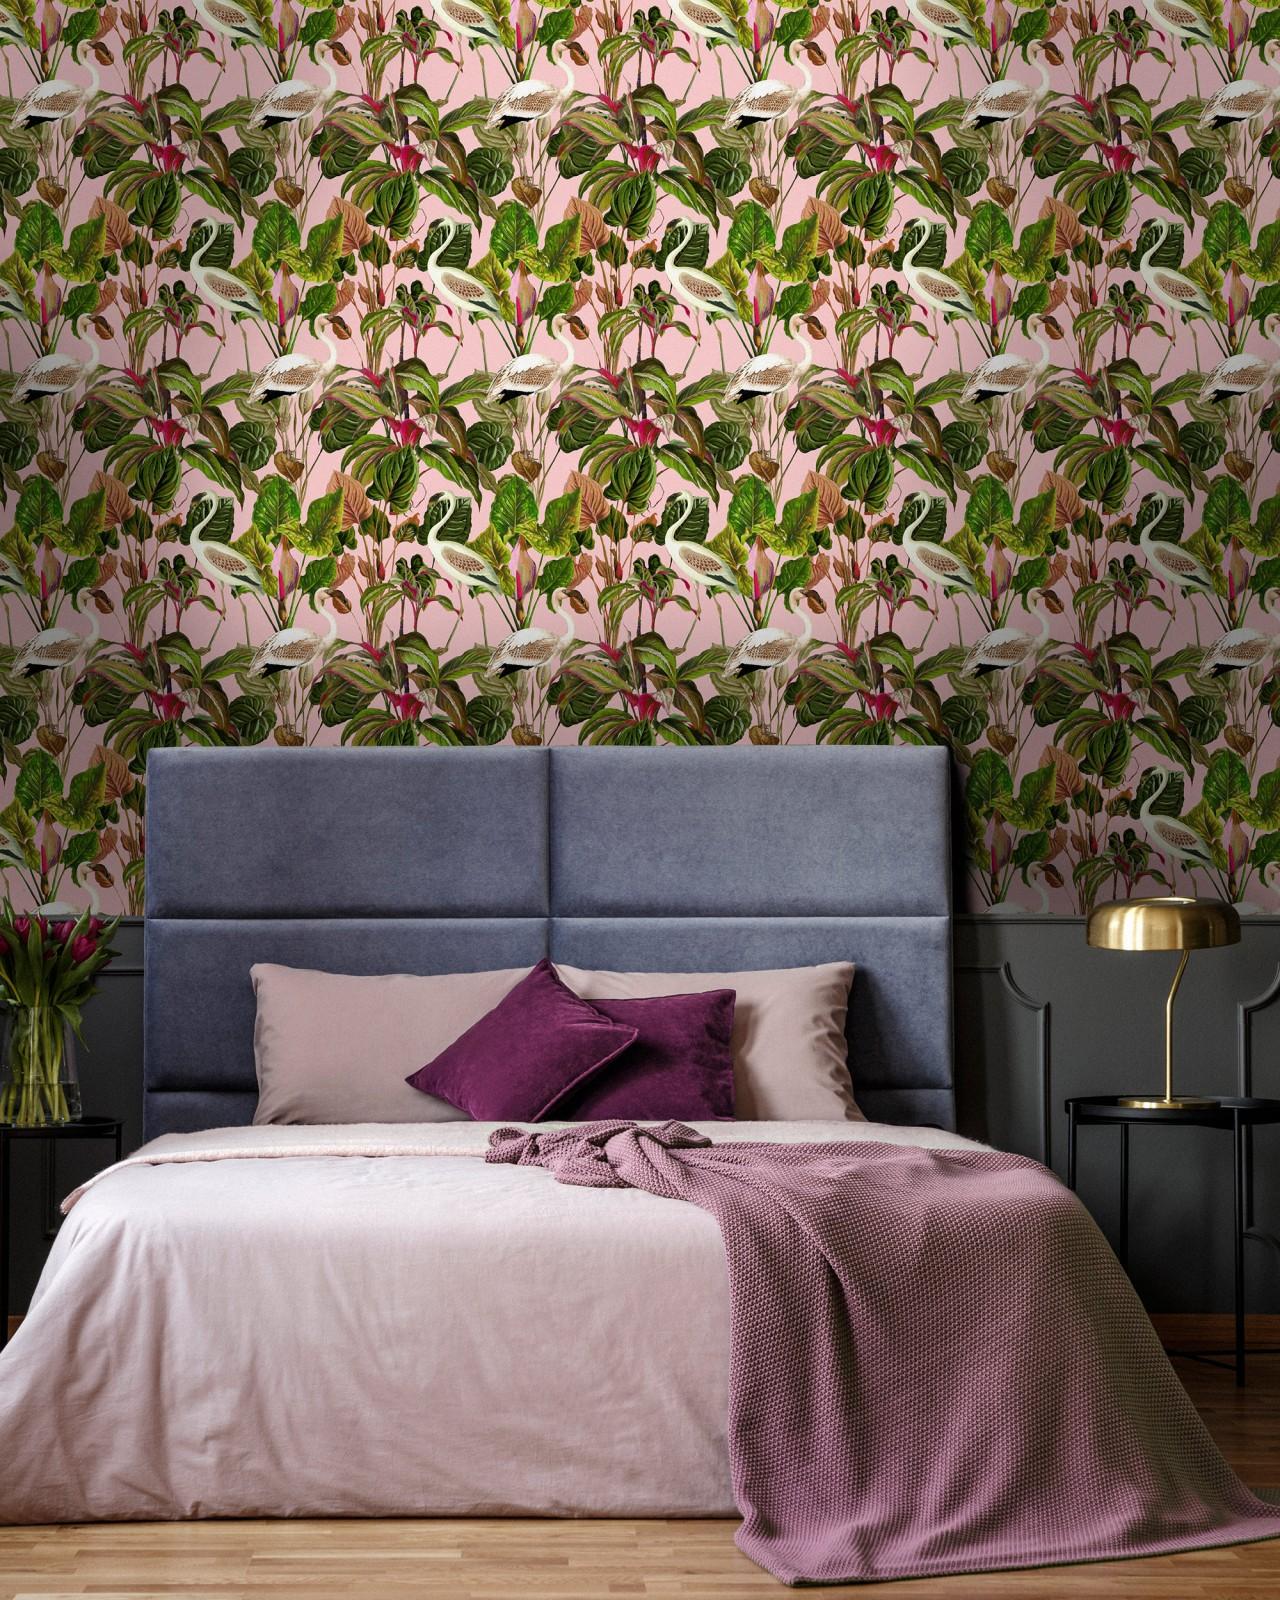 BEVERLY HILLS Pink Wallpaper